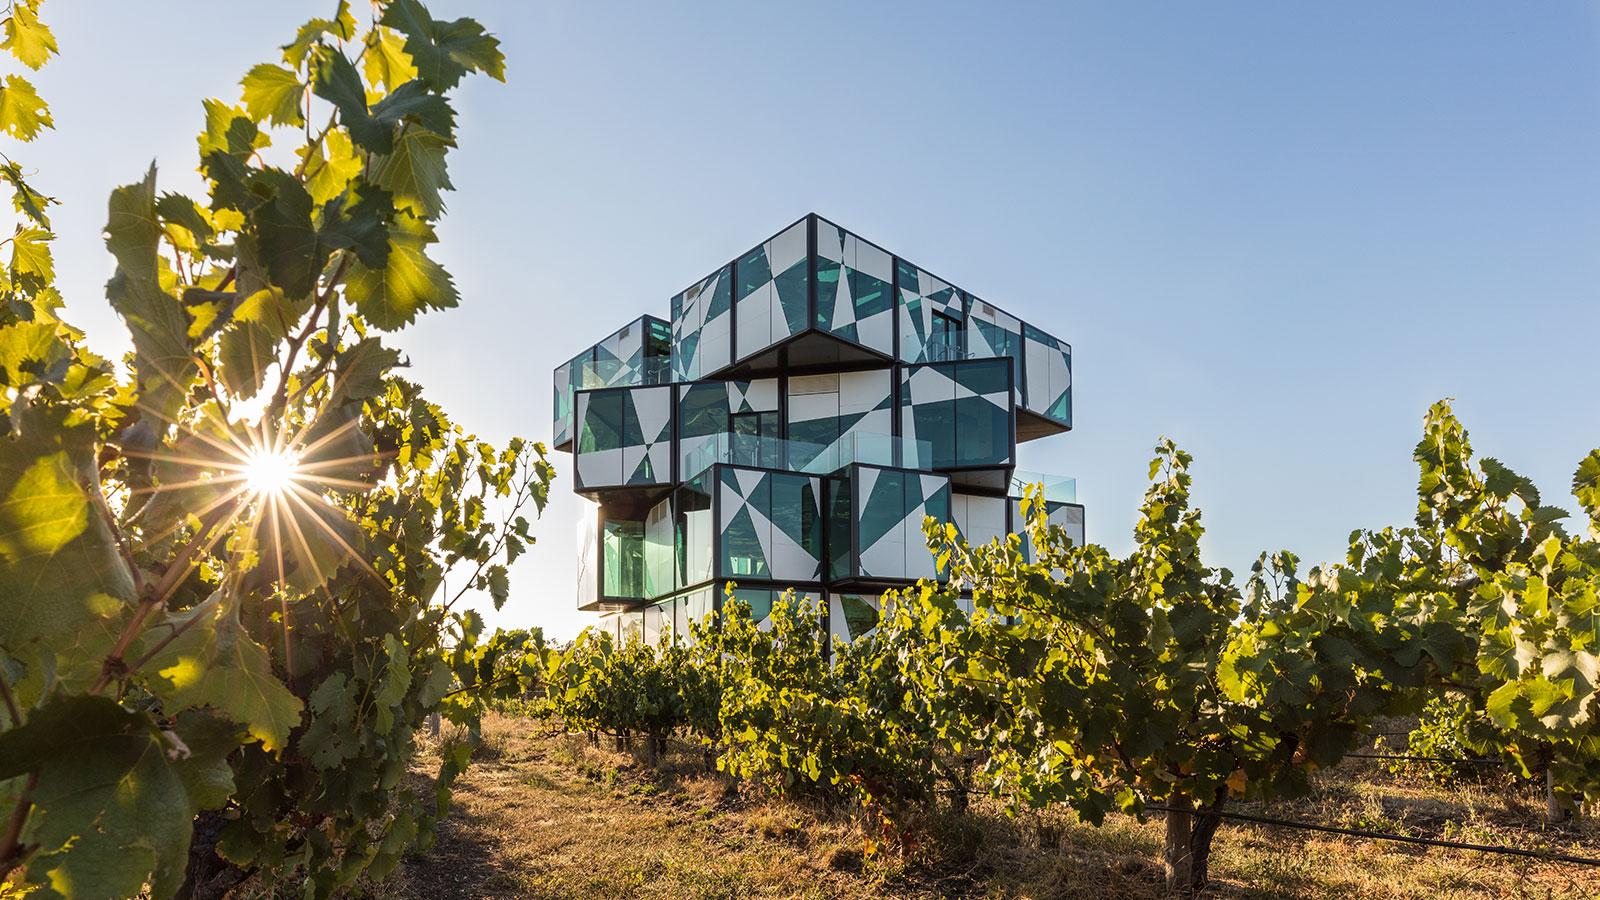 """亮眼!澳大利亚建成巨型迷幻建筑""""黛伦堡酒魔方"""""""